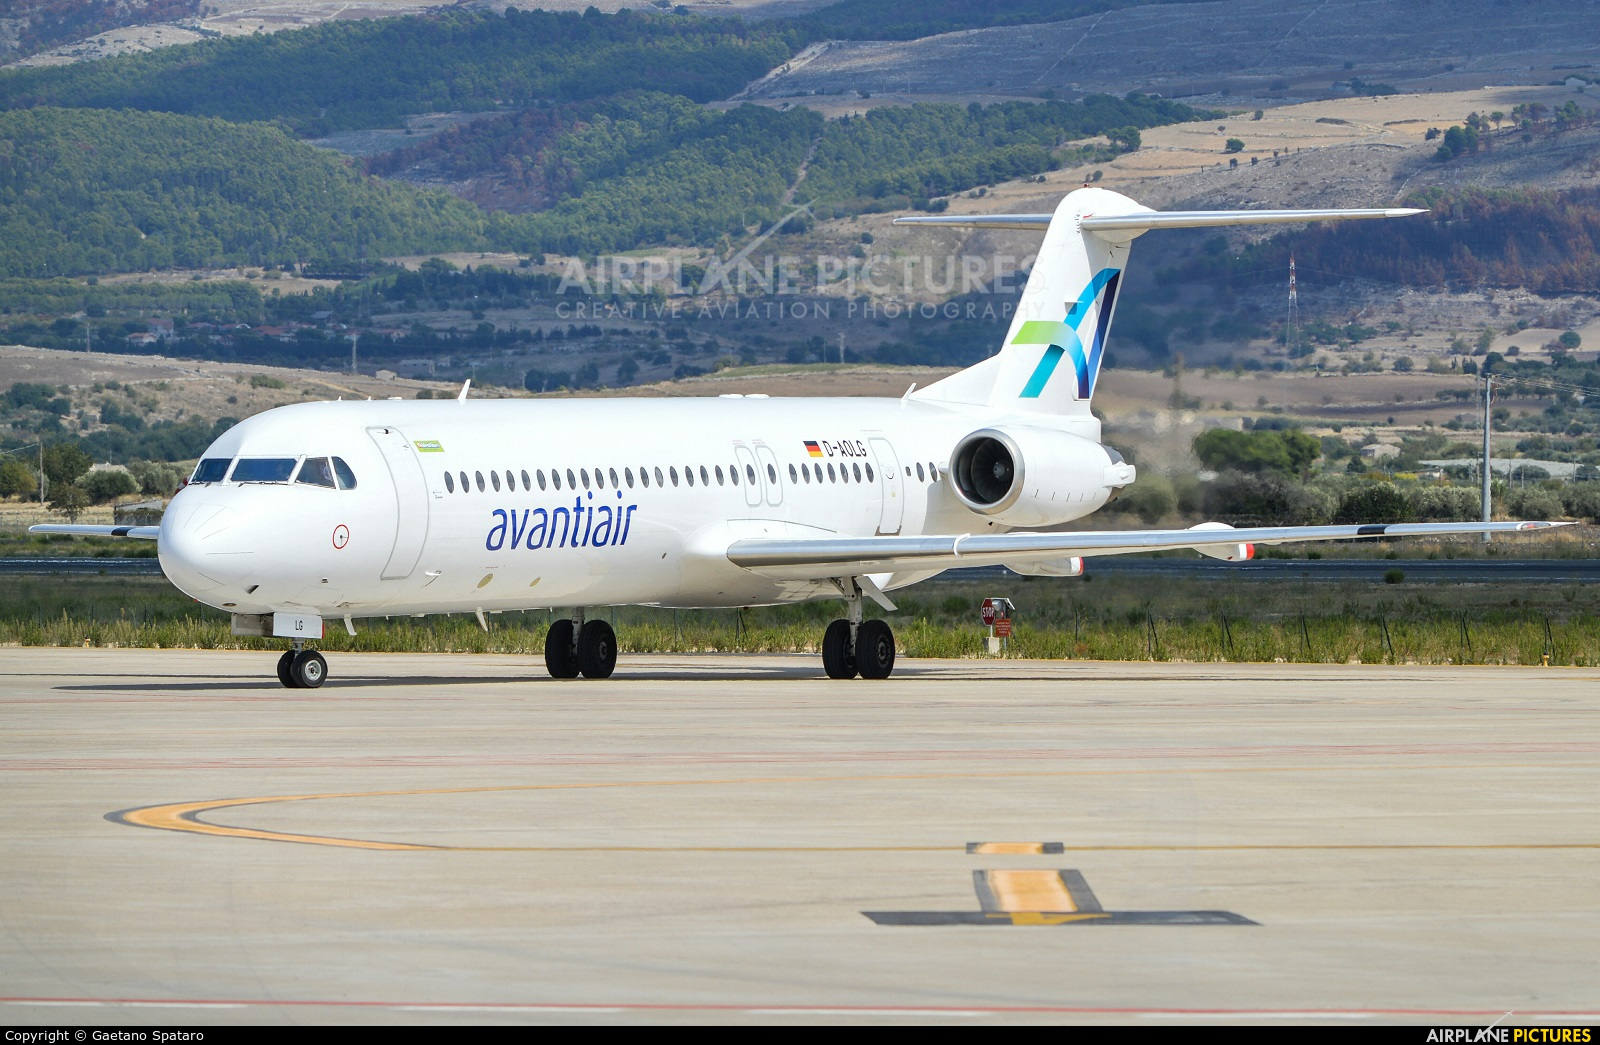 AvantiAir D-AOLG aircraft at Comiso - Sicily